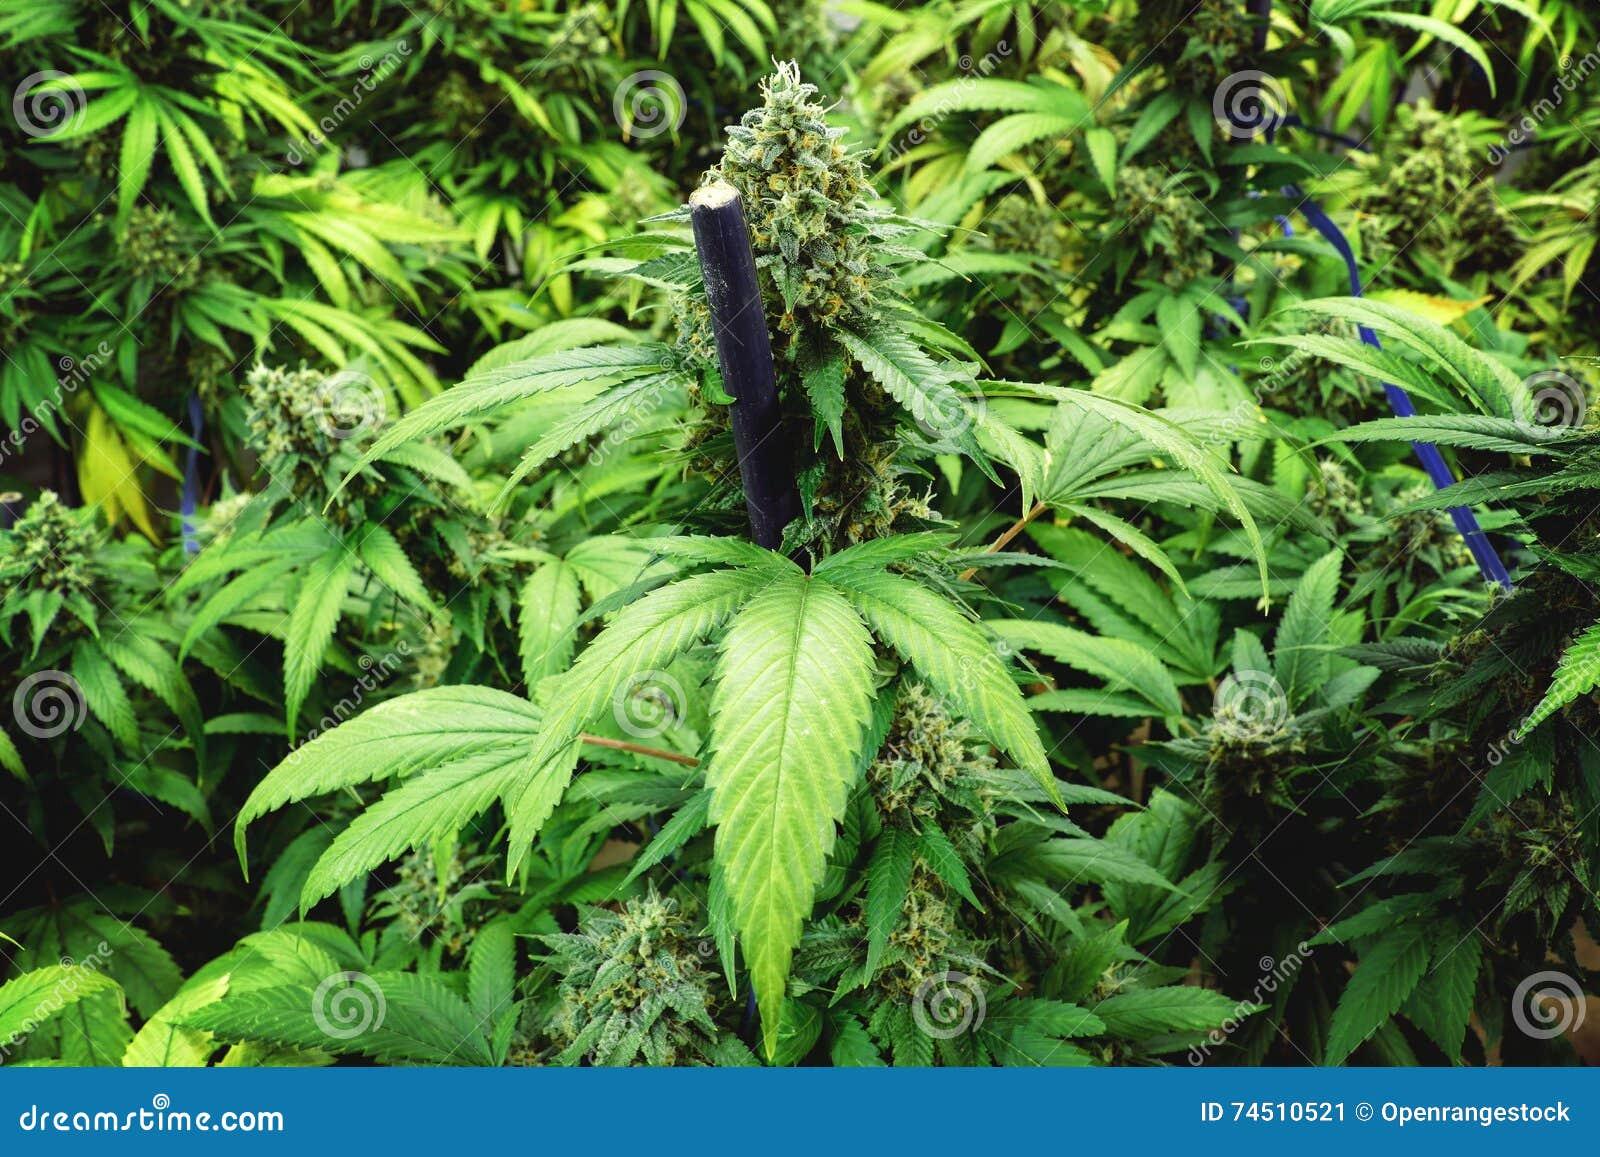 how to start marijuana plant indoor for outdoor